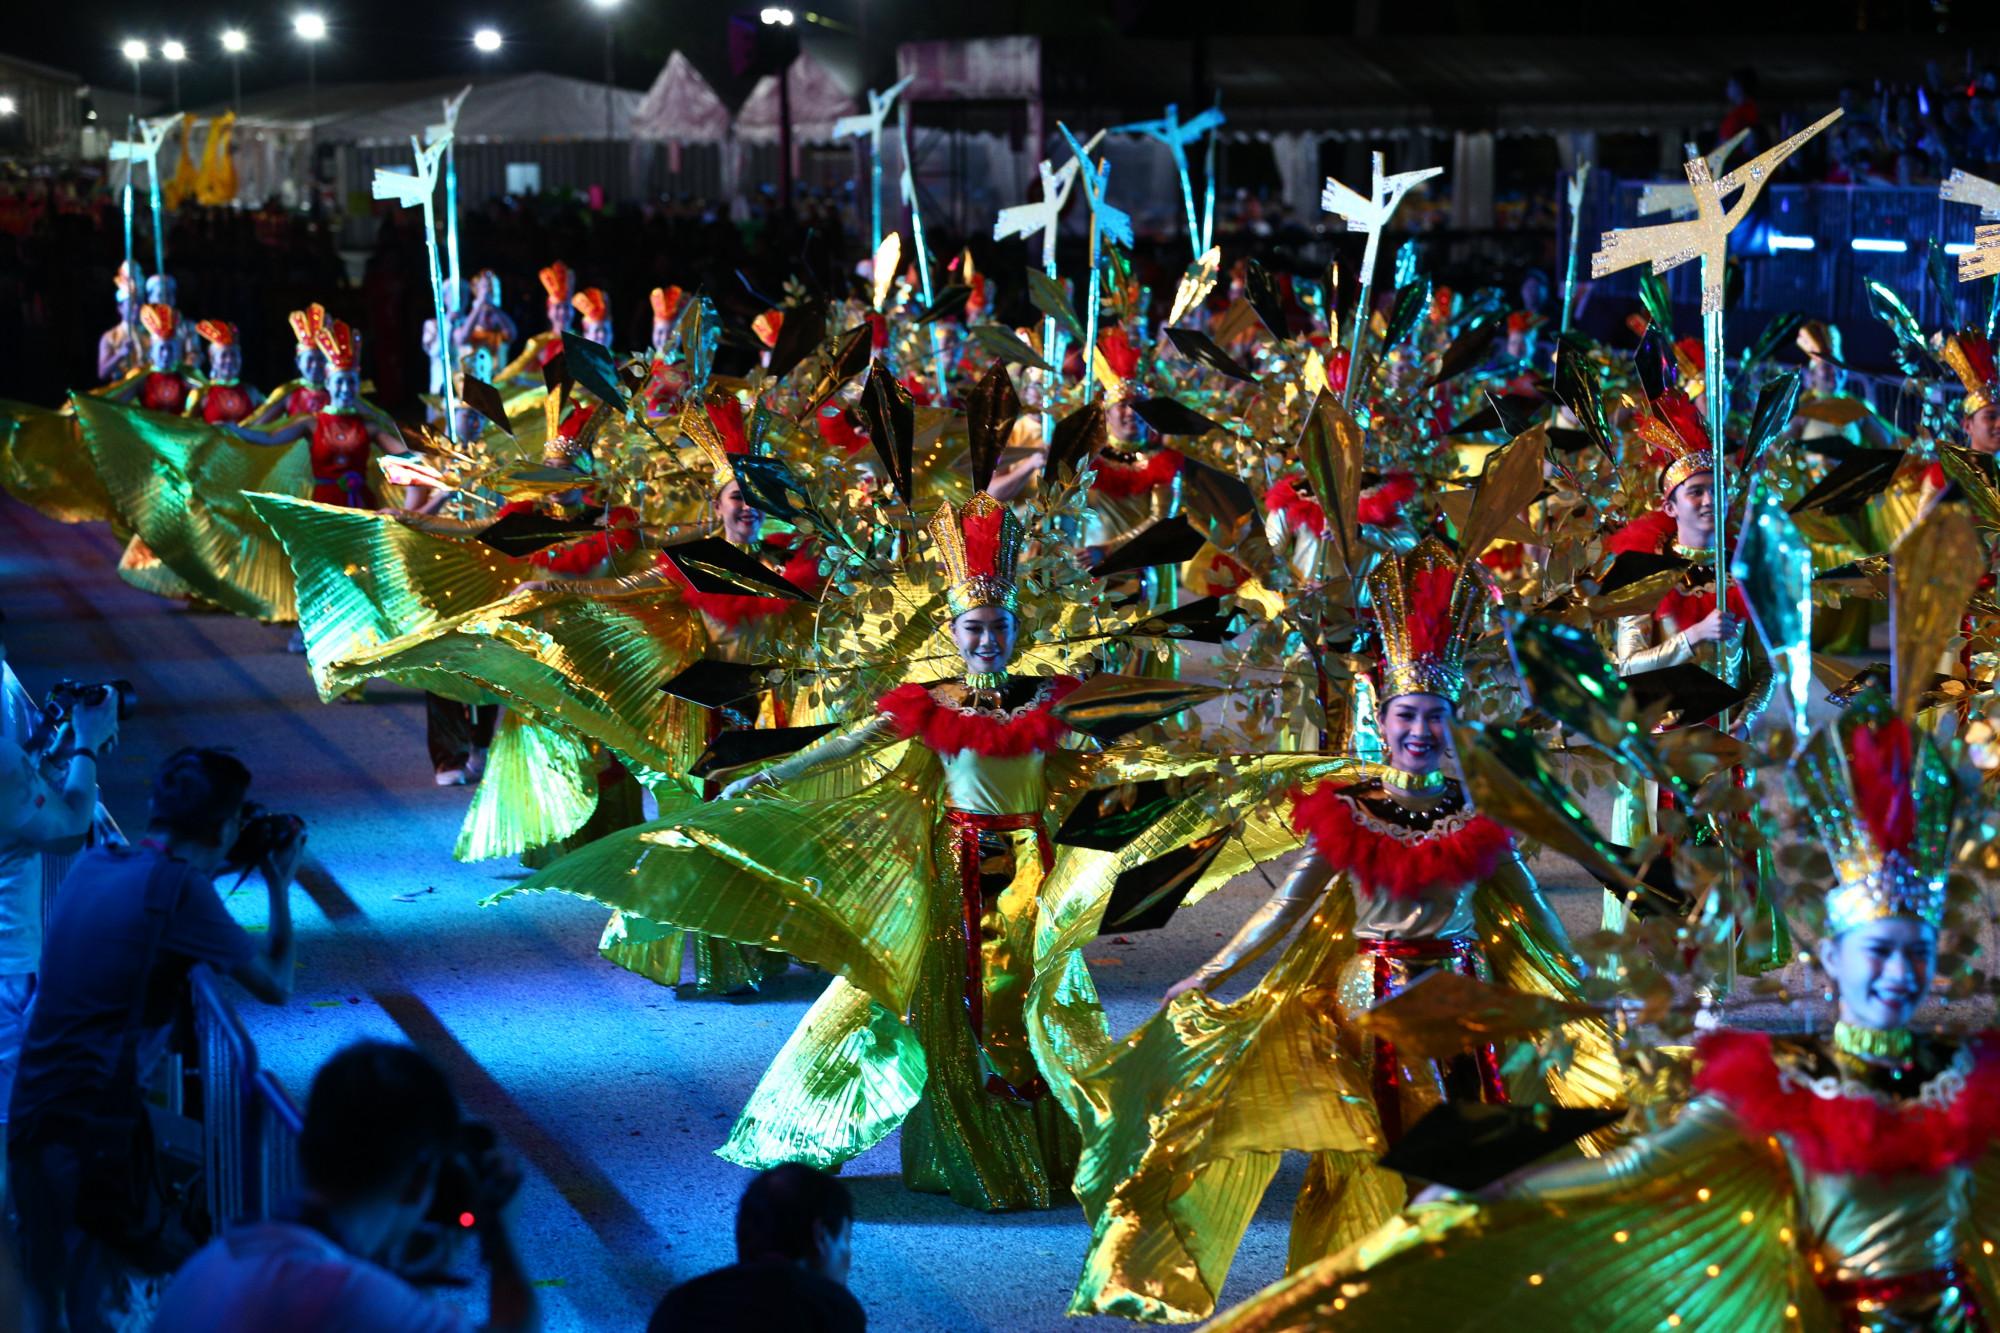 Hình ảnh đoàn nghệ thuật Việt Nam tham gia tại Lễ hội diễu hành đường phố Chingay, Singapore